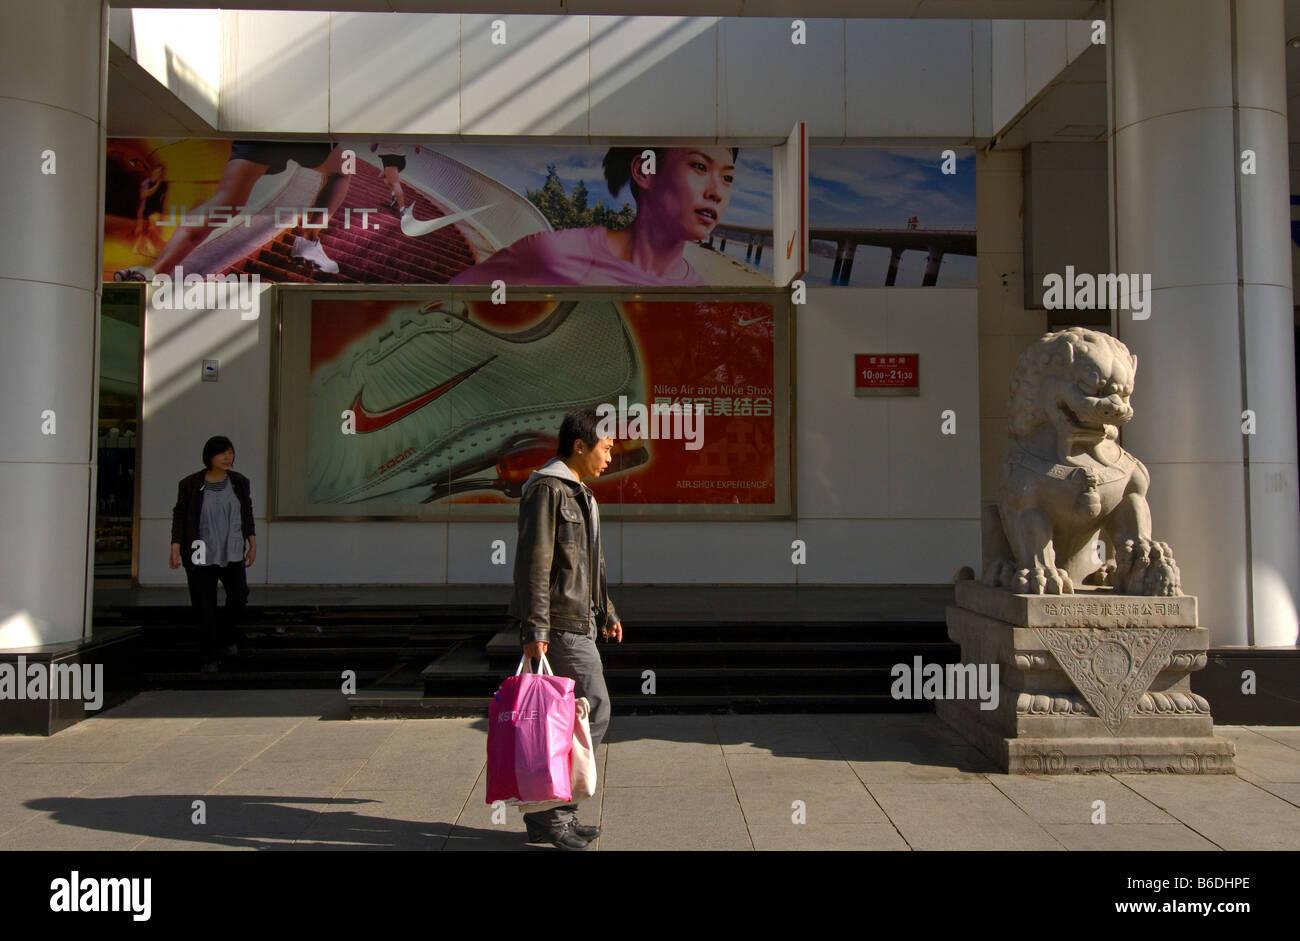 Shopper in front of Nike Advertising Avenue Bidajie Xidan Beijing China - Stock Image